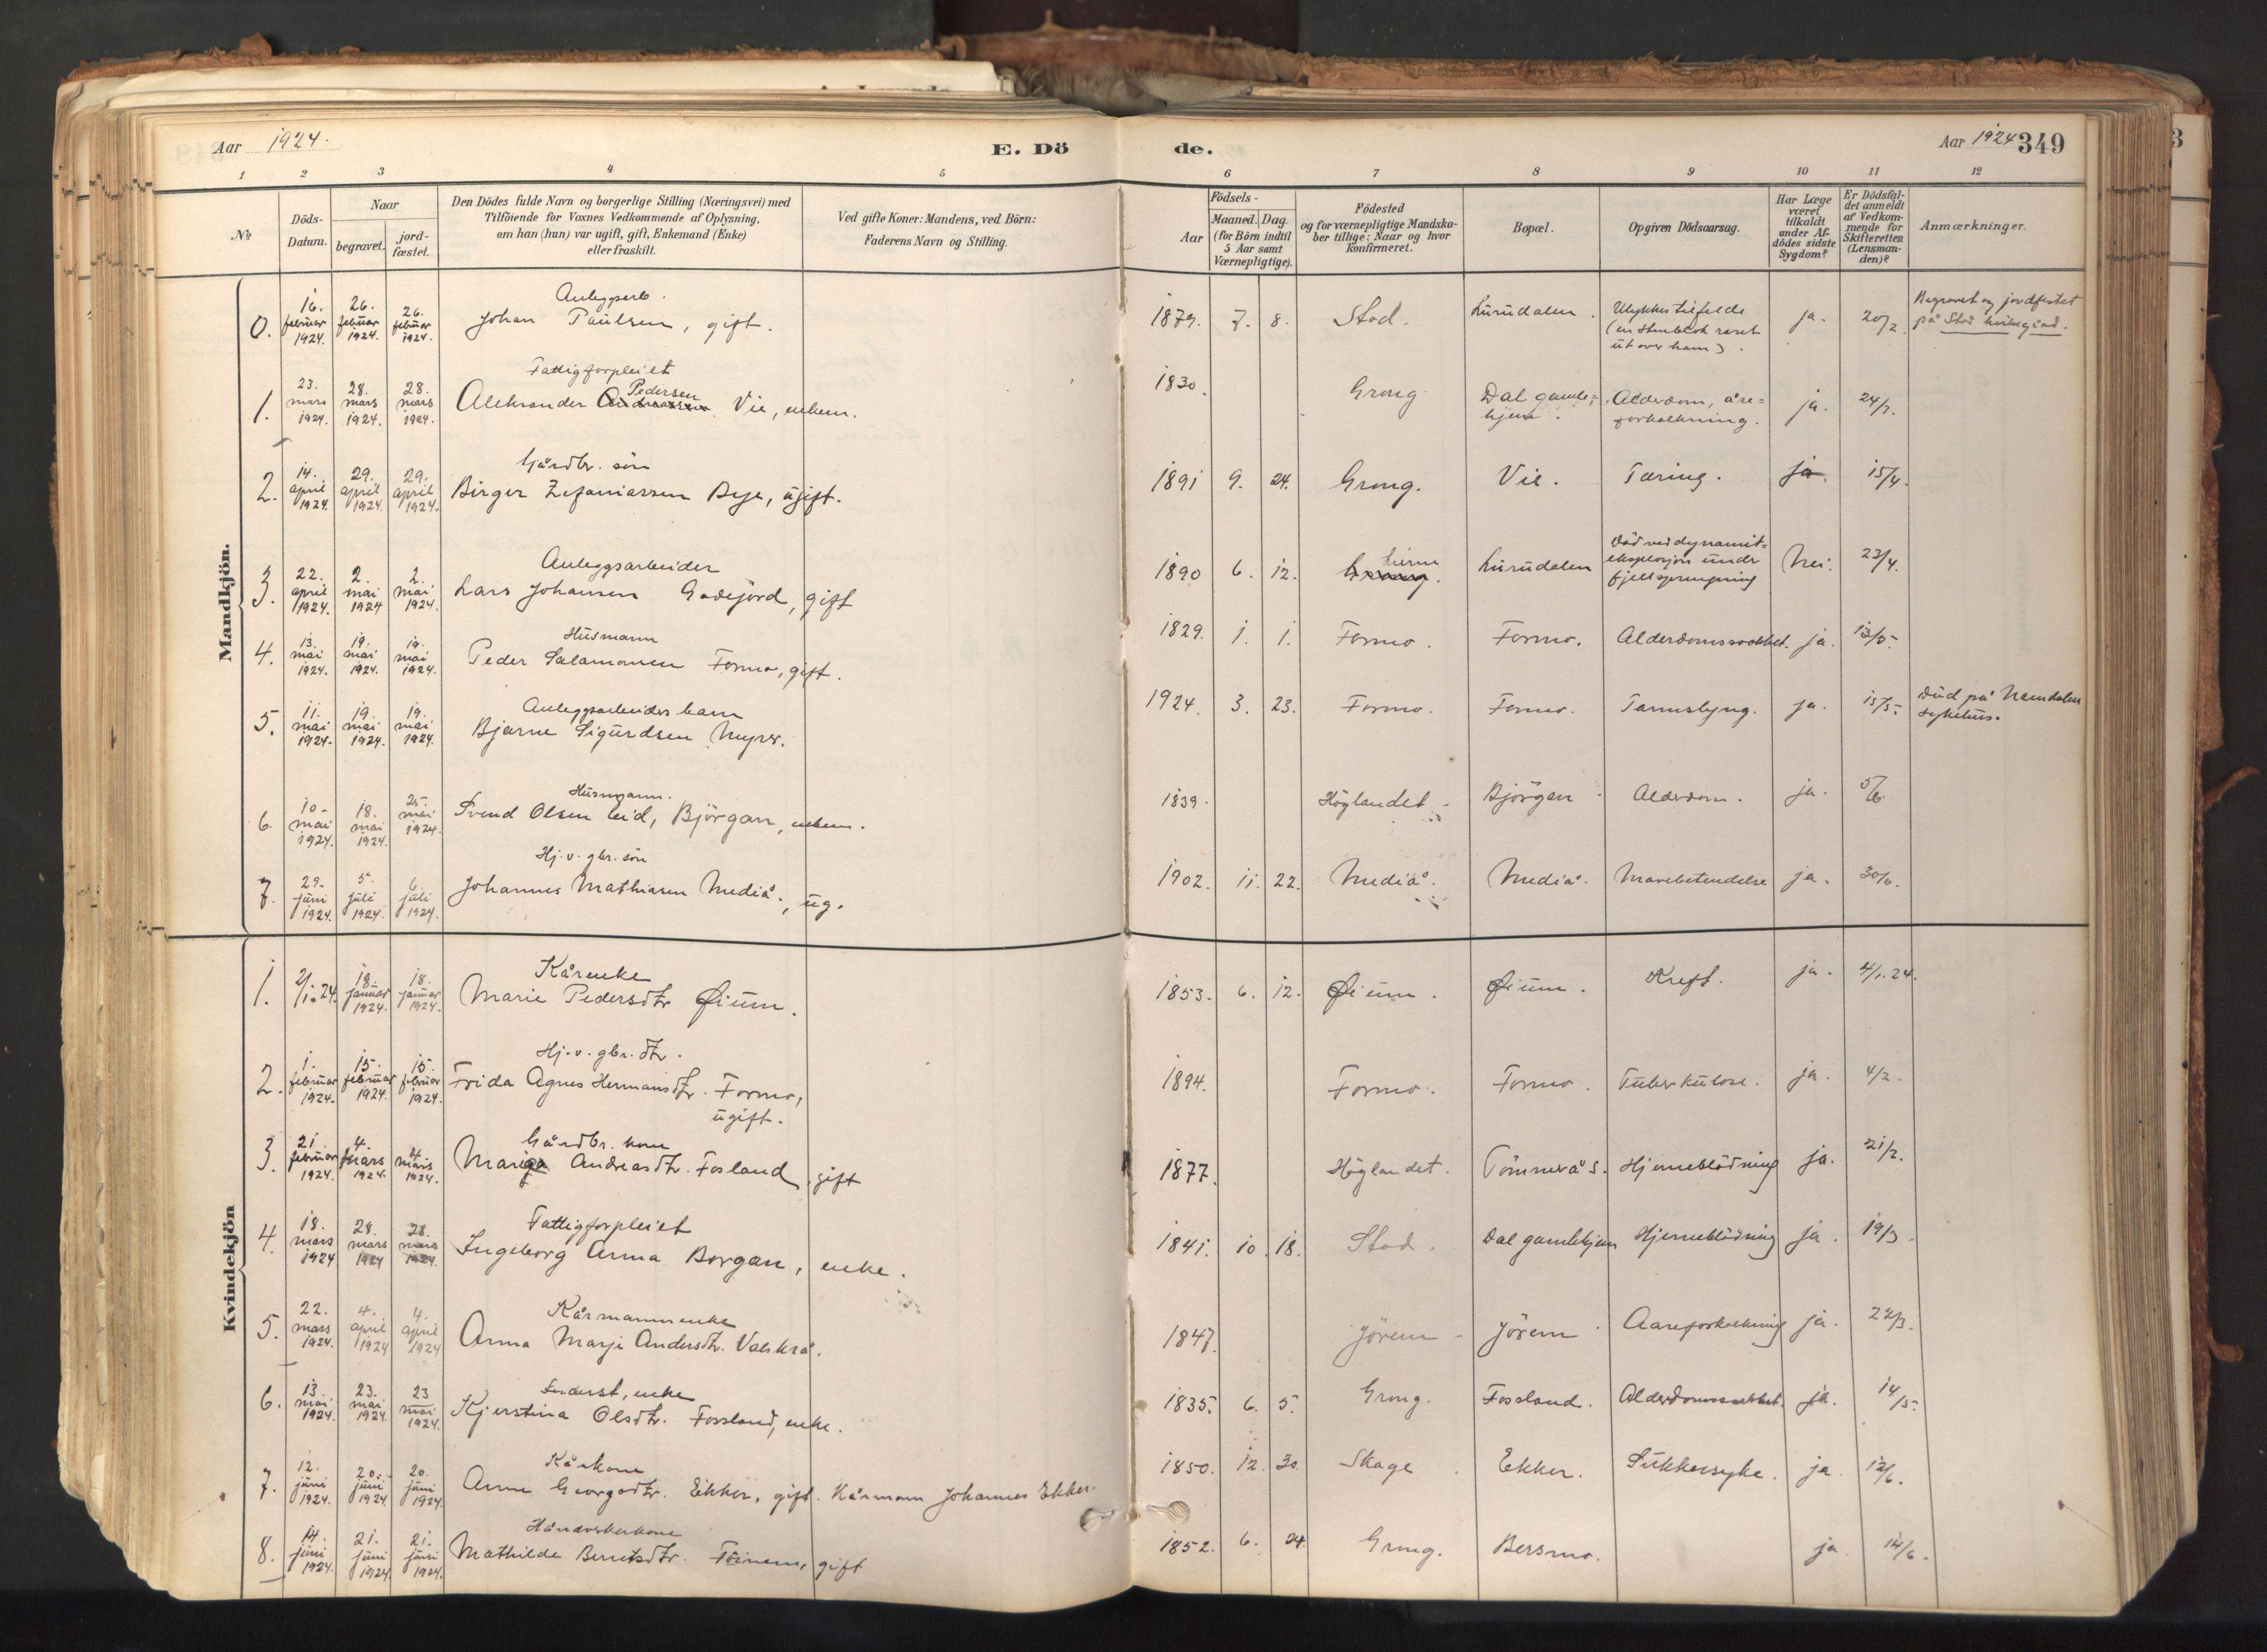 SAT, Ministerialprotokoller, klokkerbøker og fødselsregistre - Nord-Trøndelag, 758/L0519: Ministerialbok nr. 758A04, 1880-1926, s. 349